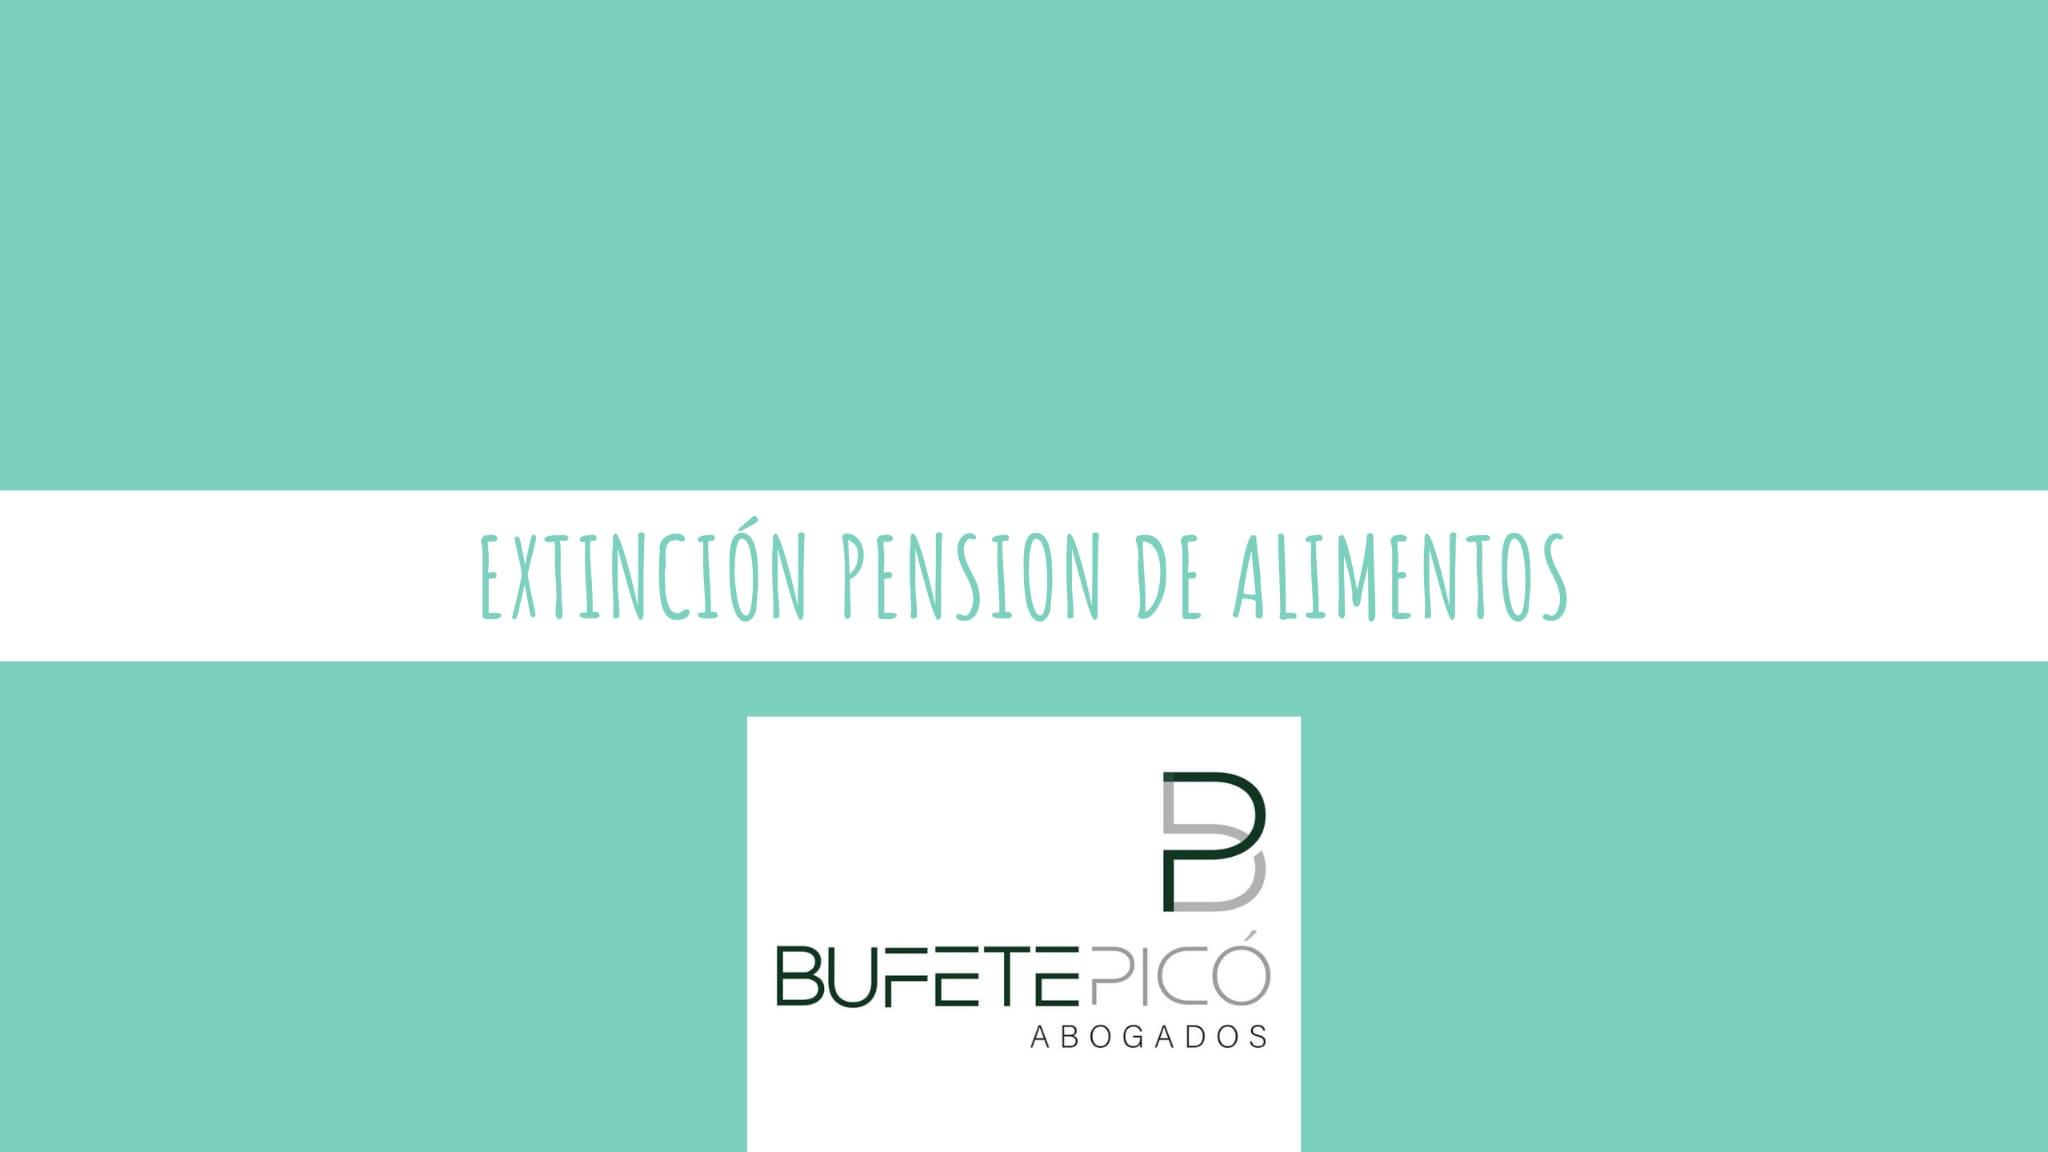 Bufete Pico te explica una sentencia por la que se extuingue a una hija la pensión de alimentos